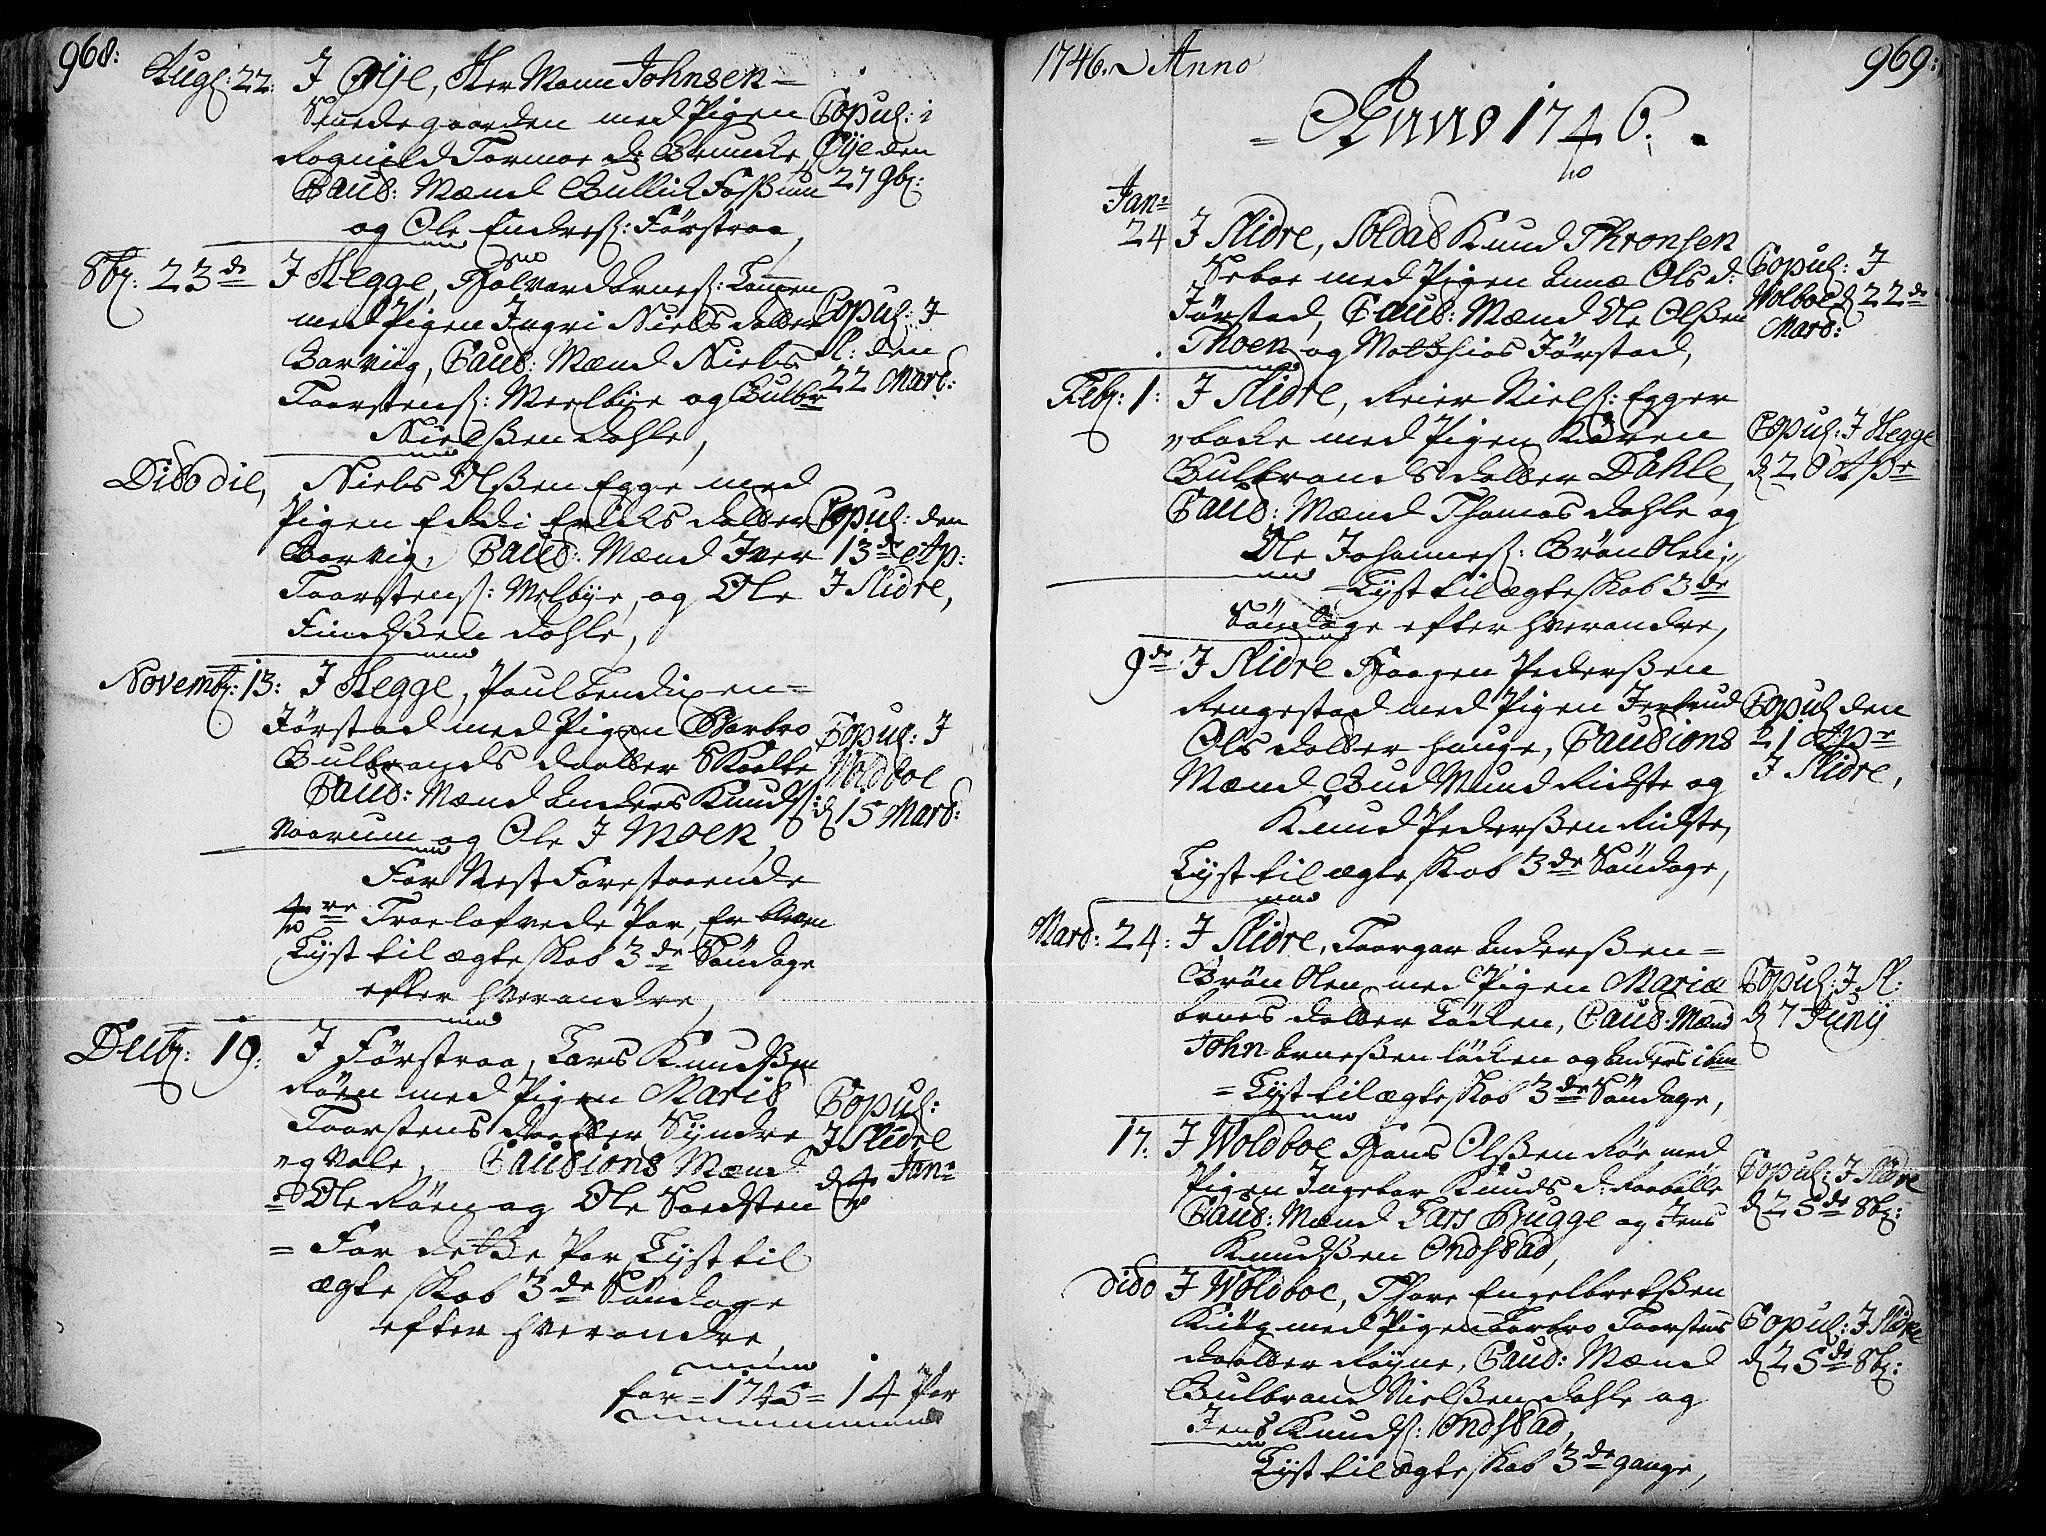 SAH, Slidre prestekontor, Ministerialbok nr. 1, 1724-1814, s. 968-969